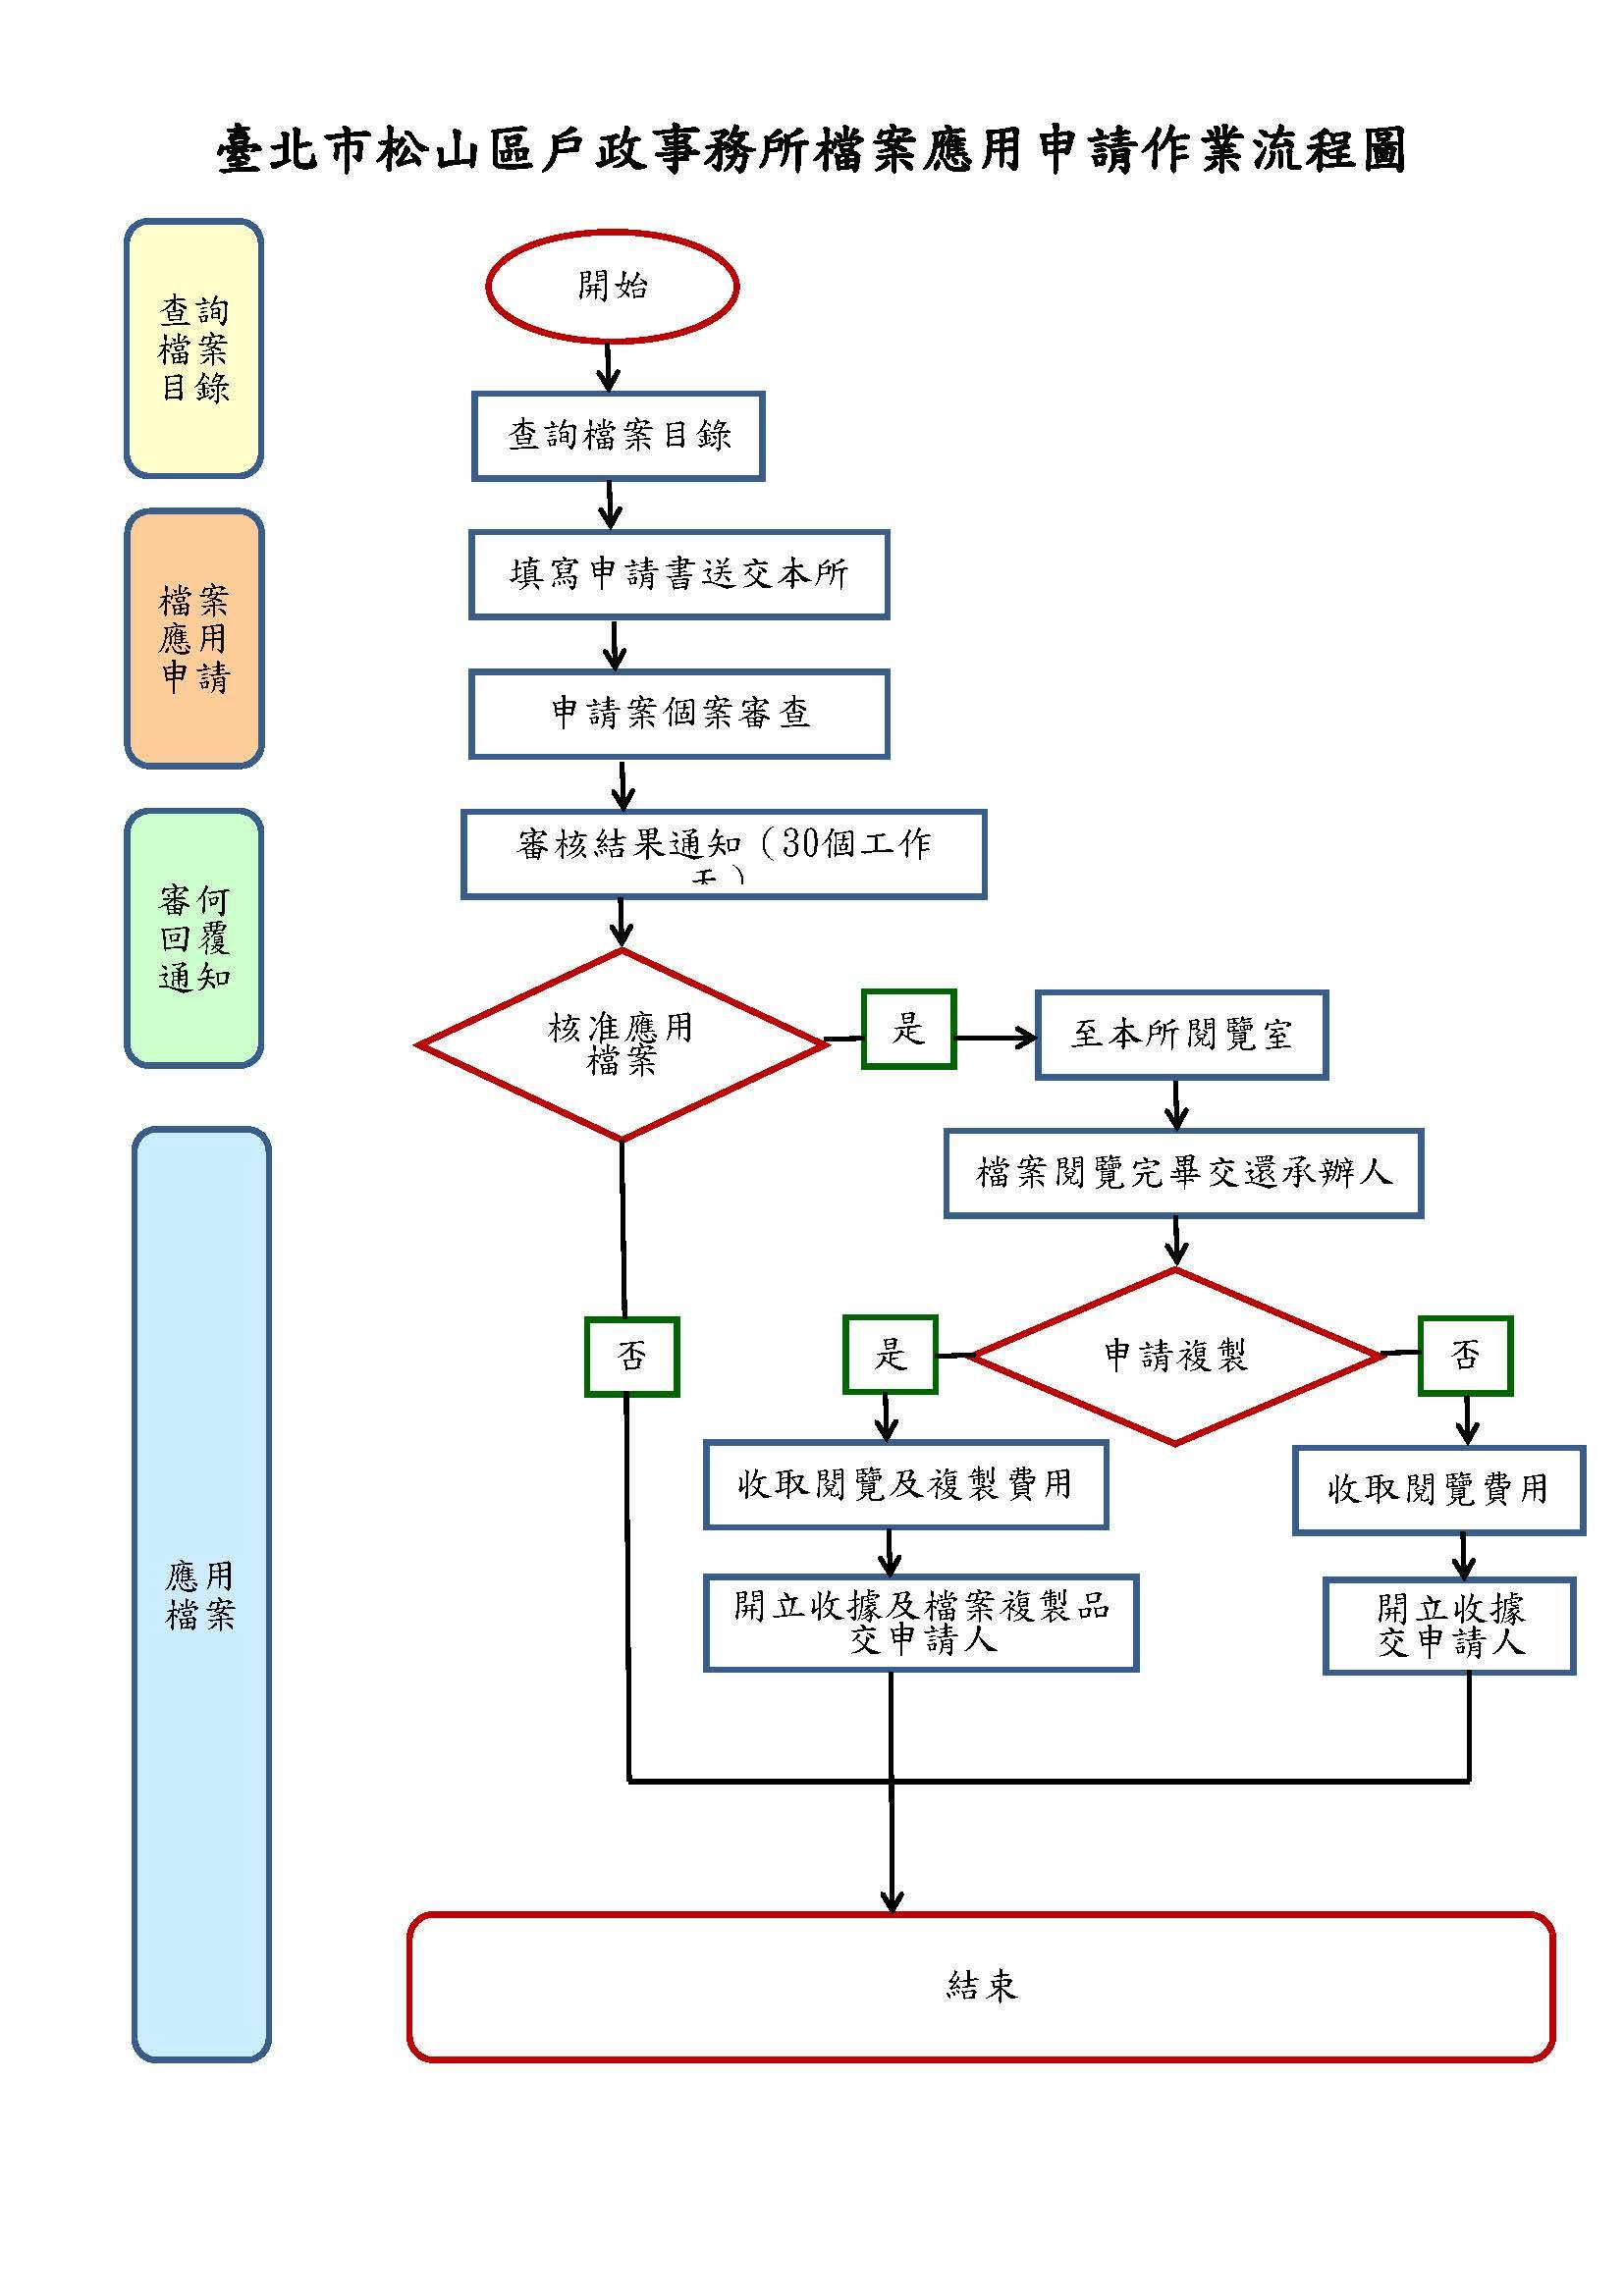 檔案應用申請處理流程圖